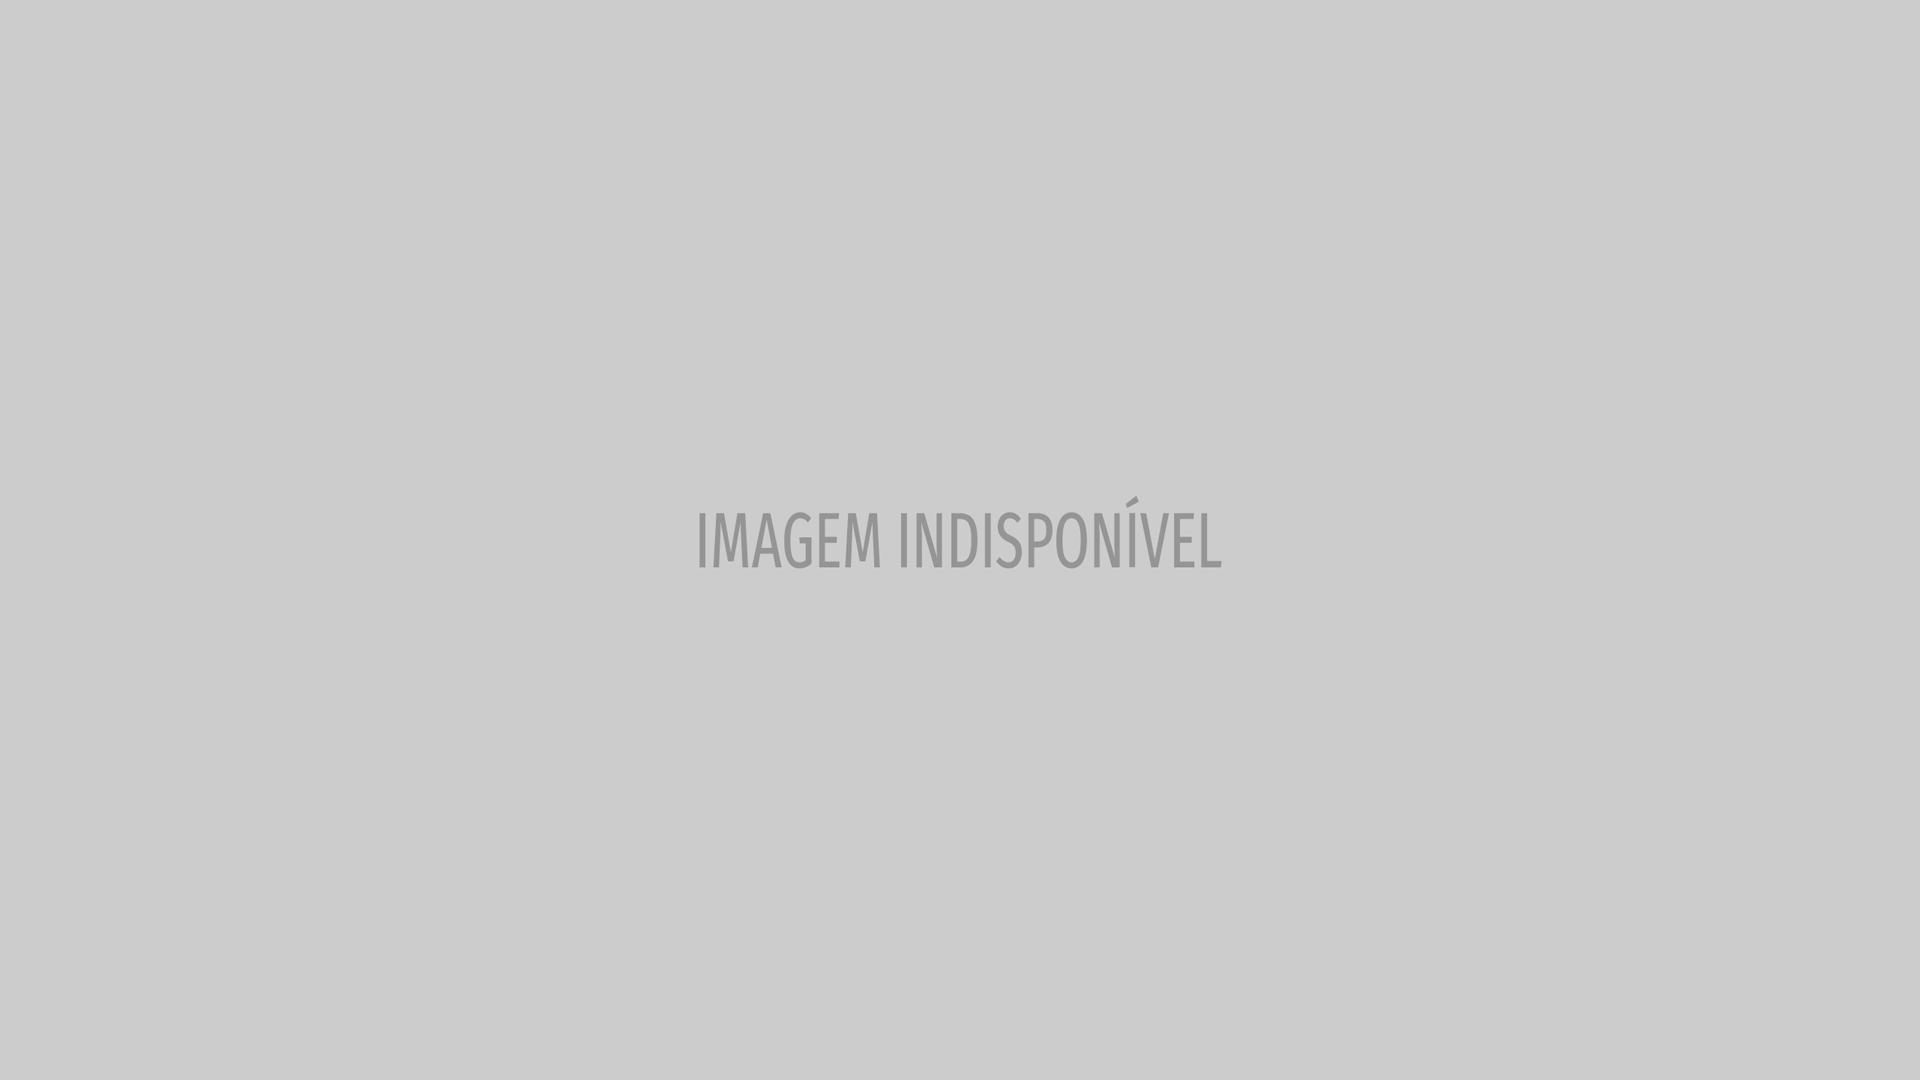 Kylie Jenner mostra filha a praticar snowboard pela primeira vez